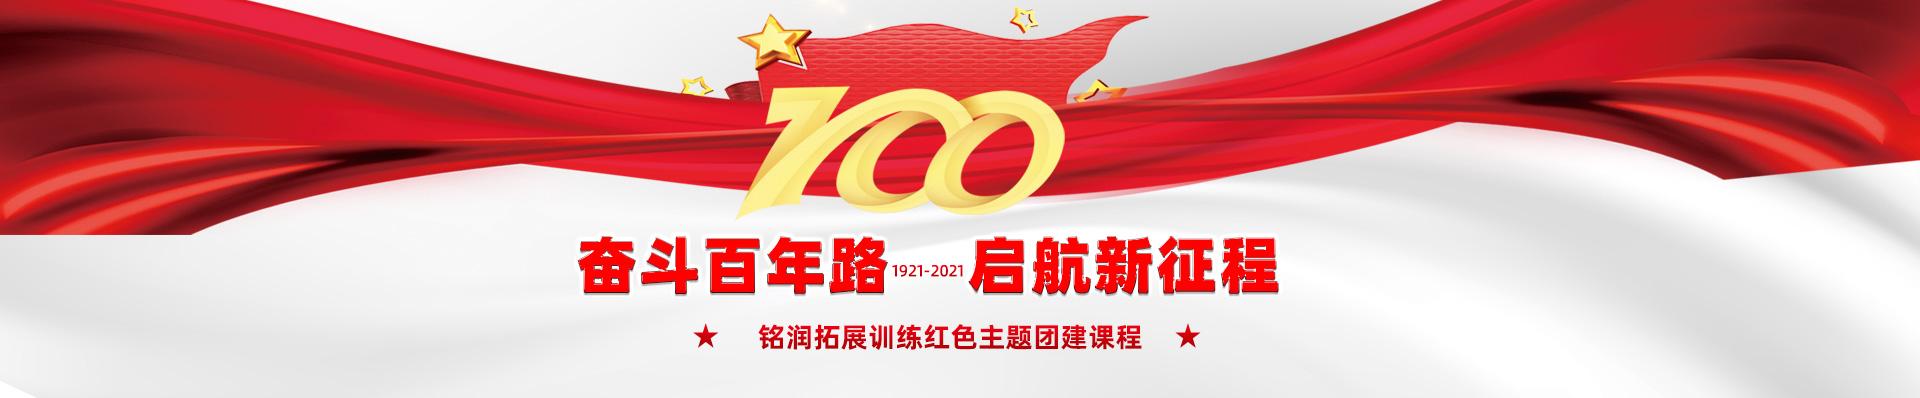 北京拓展培训公司